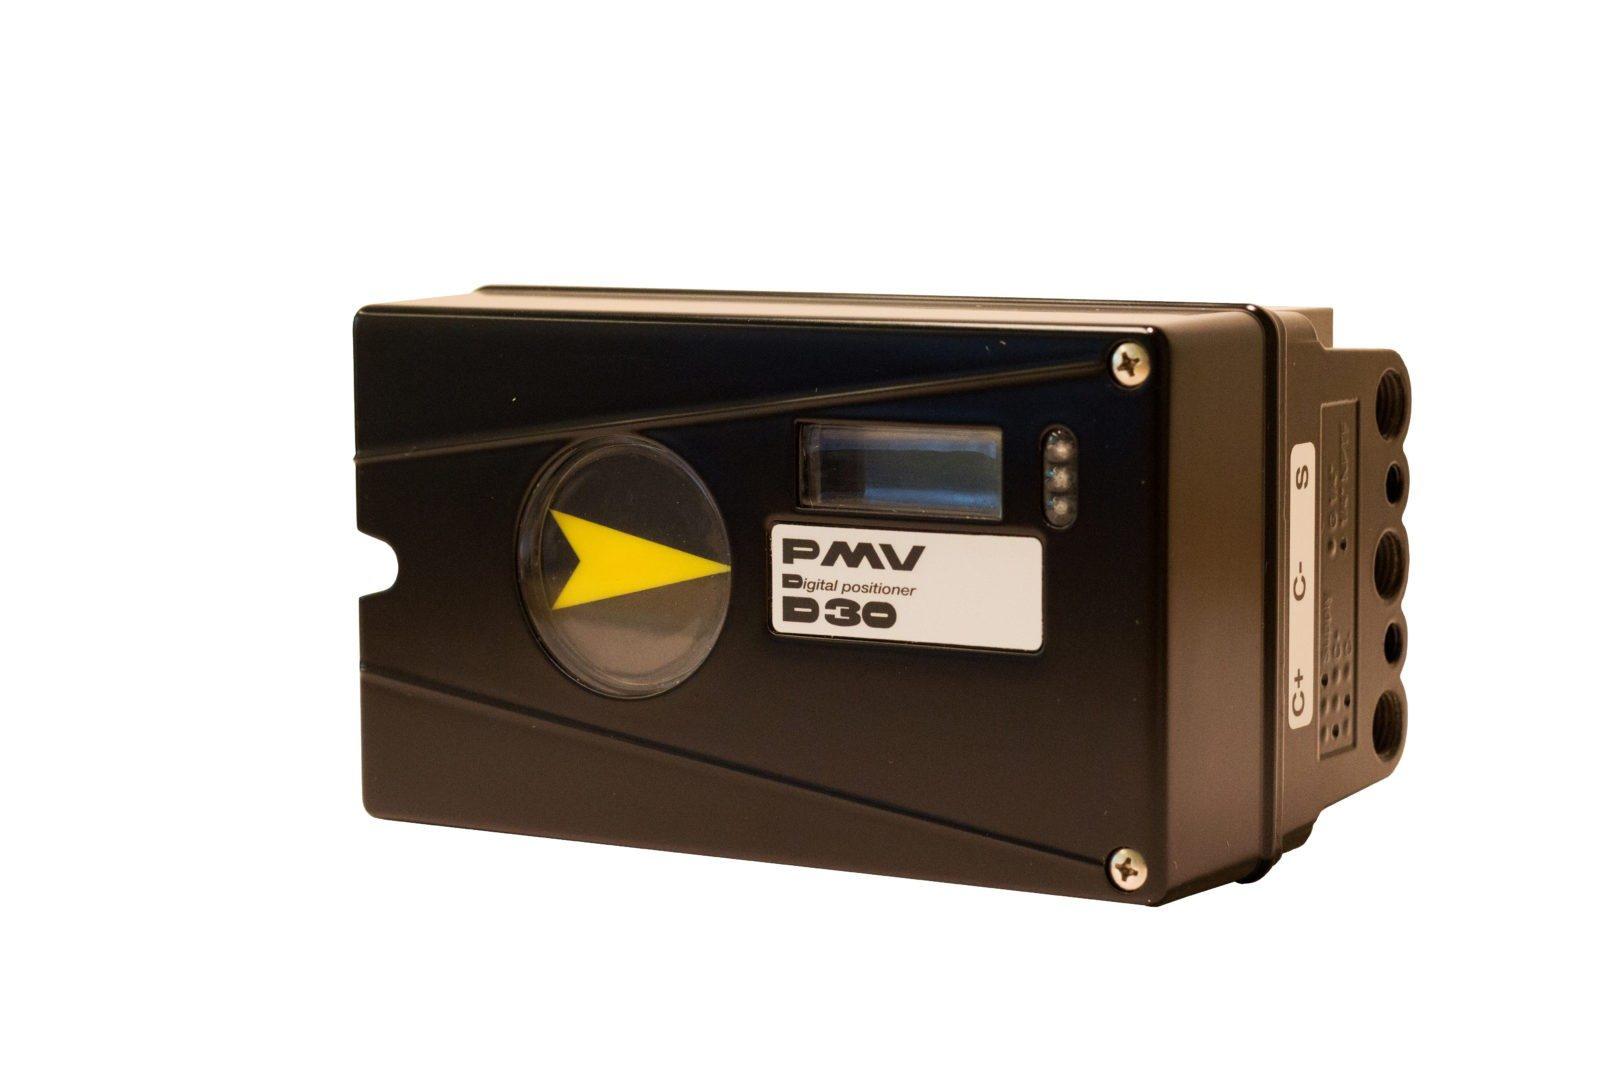 PMW D30